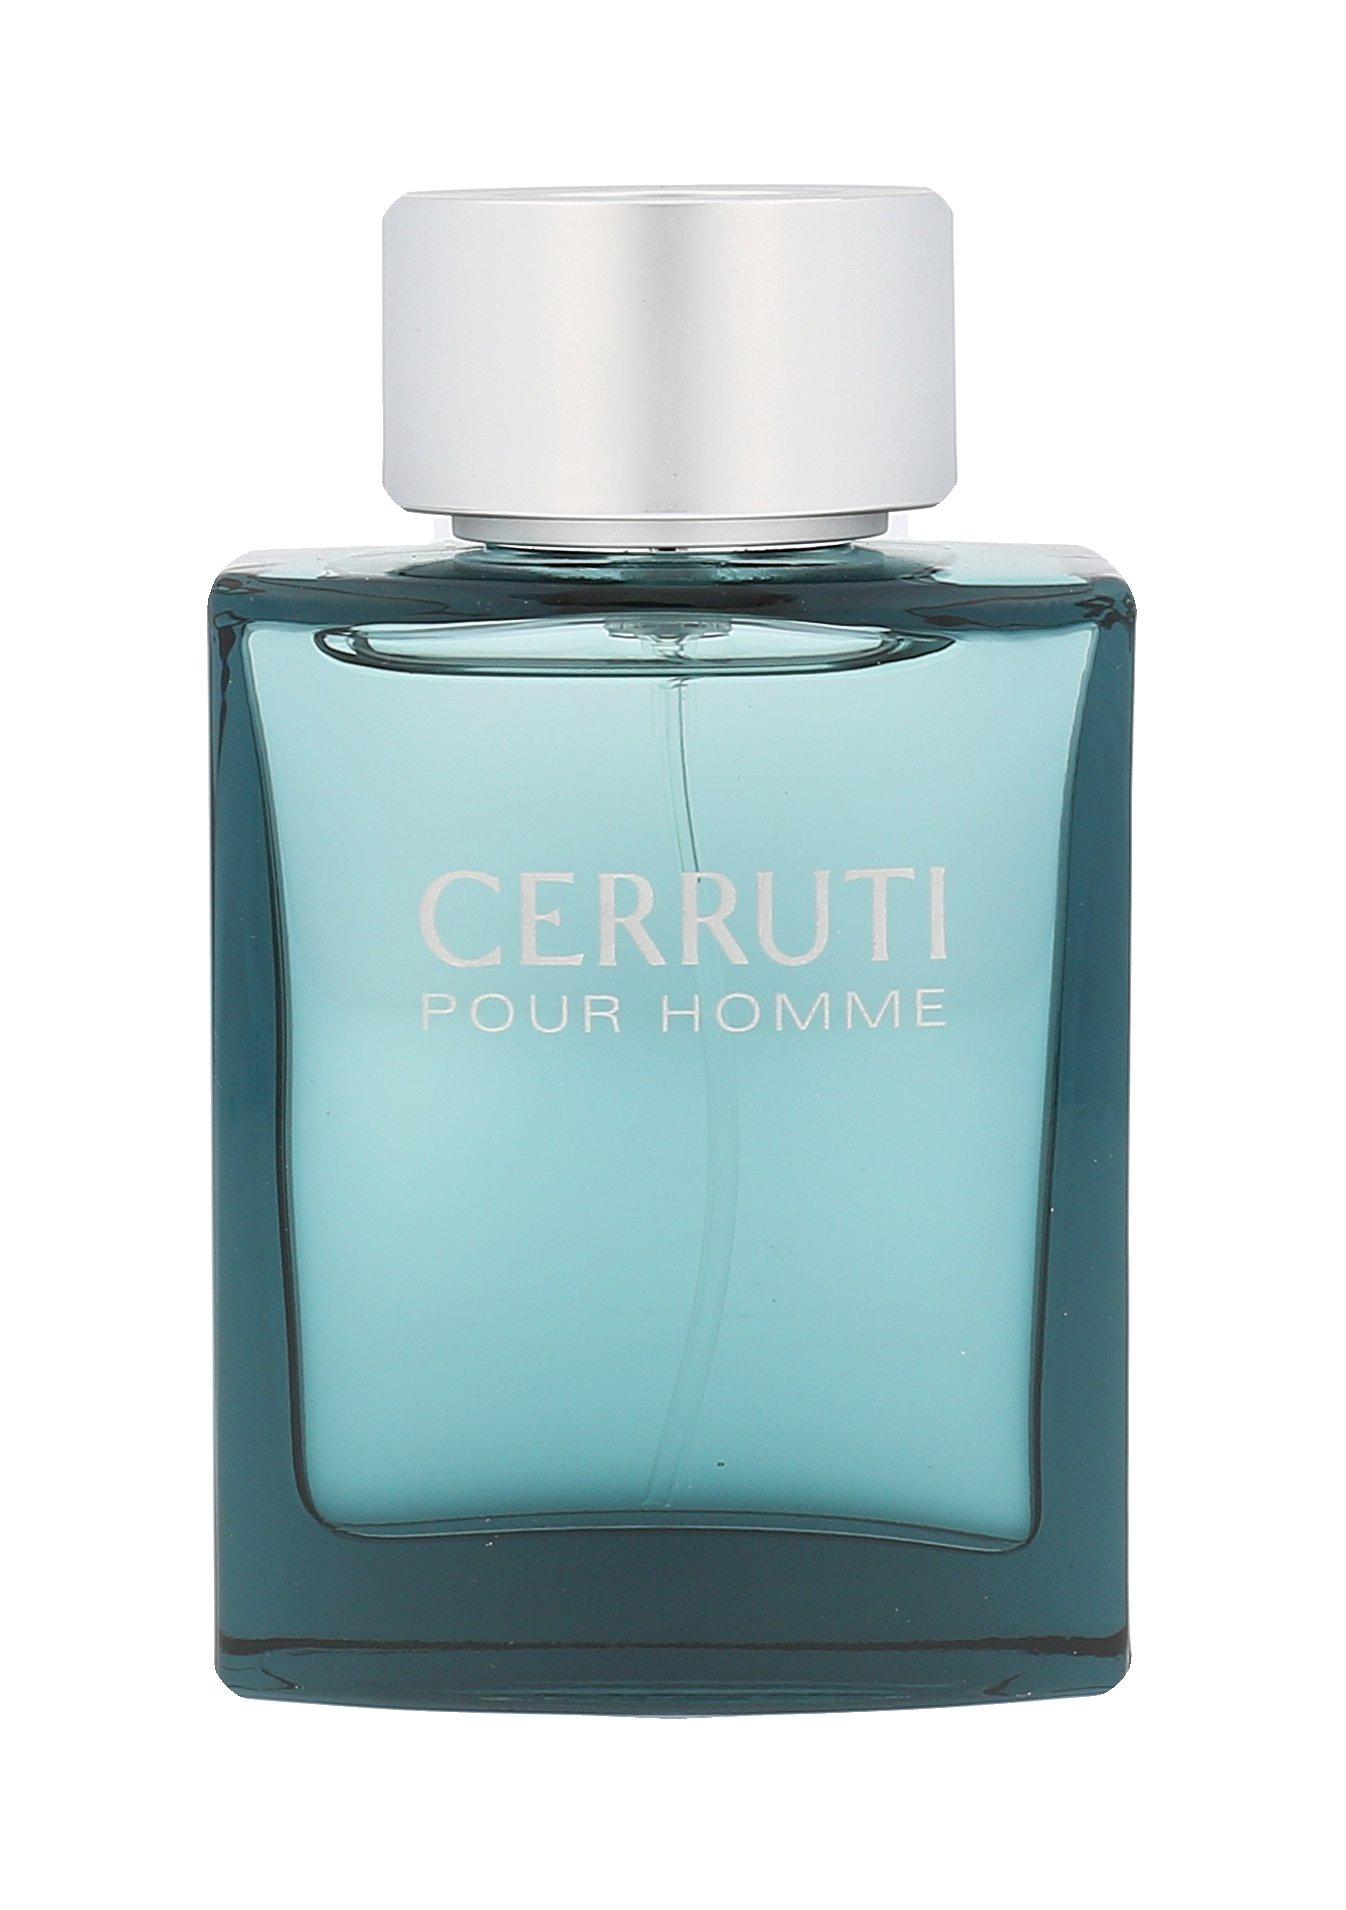 Nino Cerruti Pour Homme, Toaletná voda 50ml